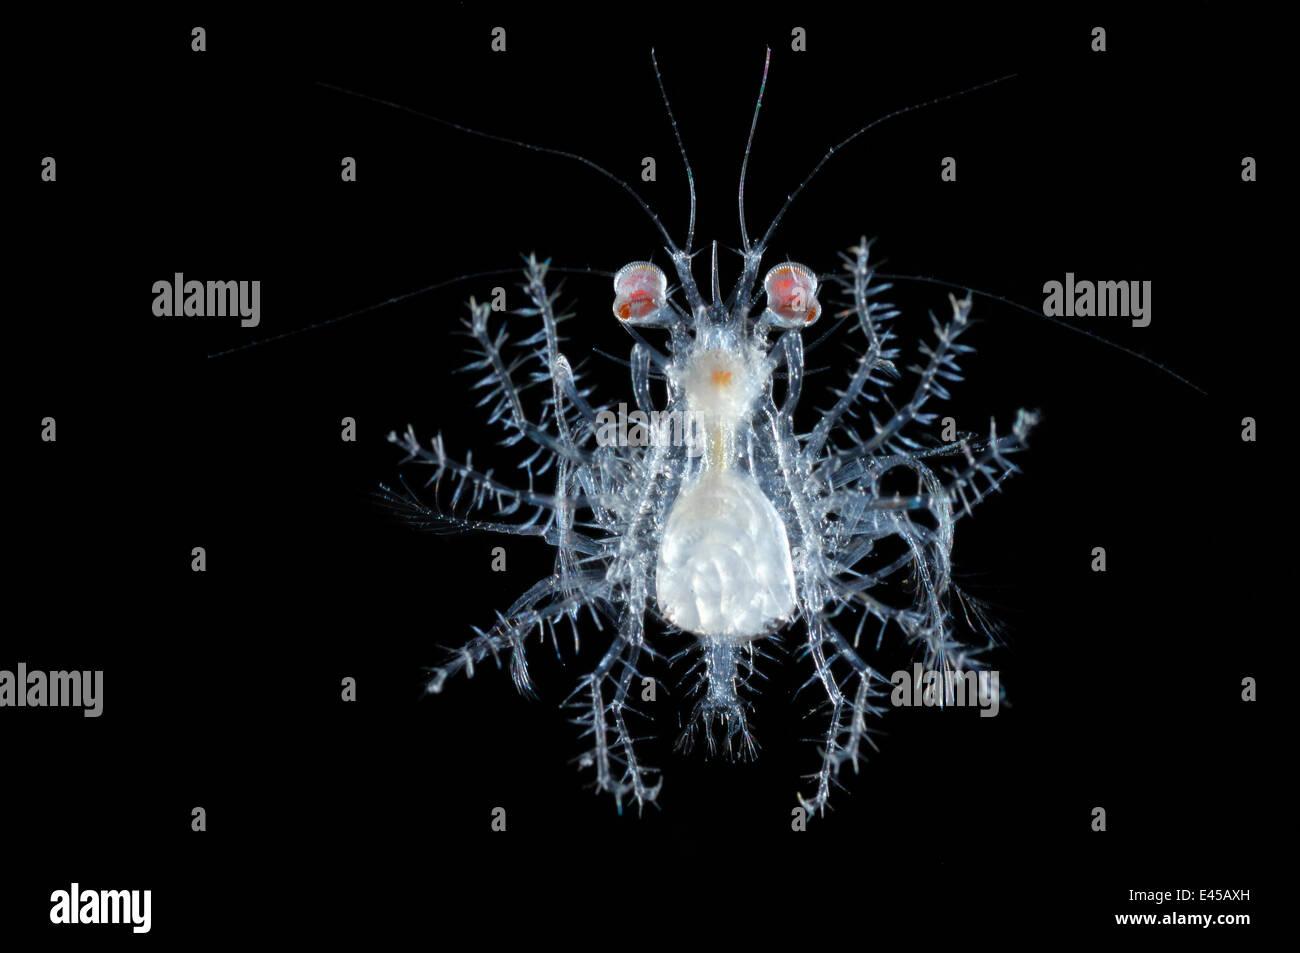 Stade mégalope planctoniques de grands fonds de développement du crabe, de l'océan Atlantique. Banque D'Images